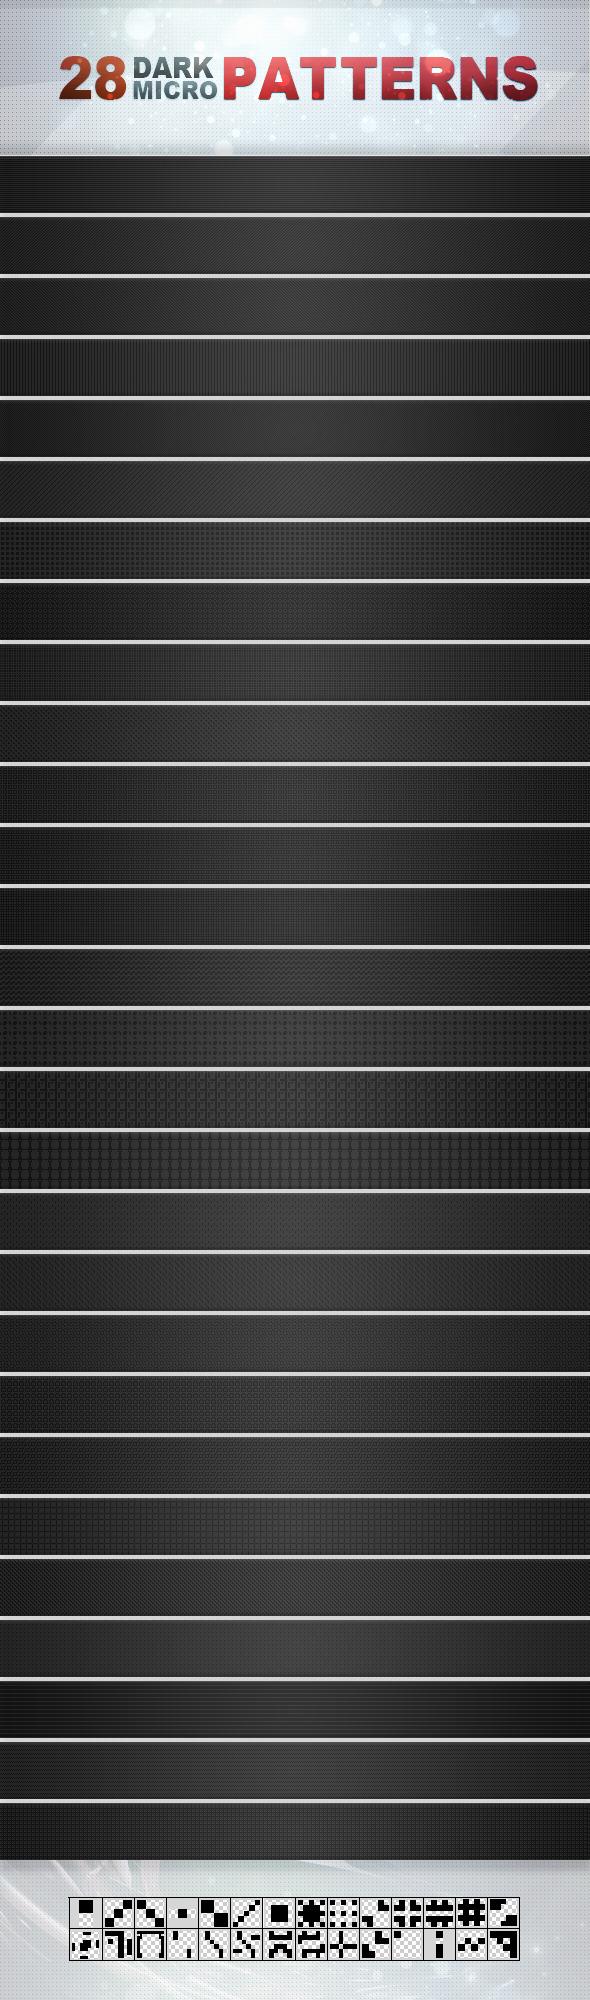 28 Dark Micro Patterns - Textures / Fills / Patterns Photoshop